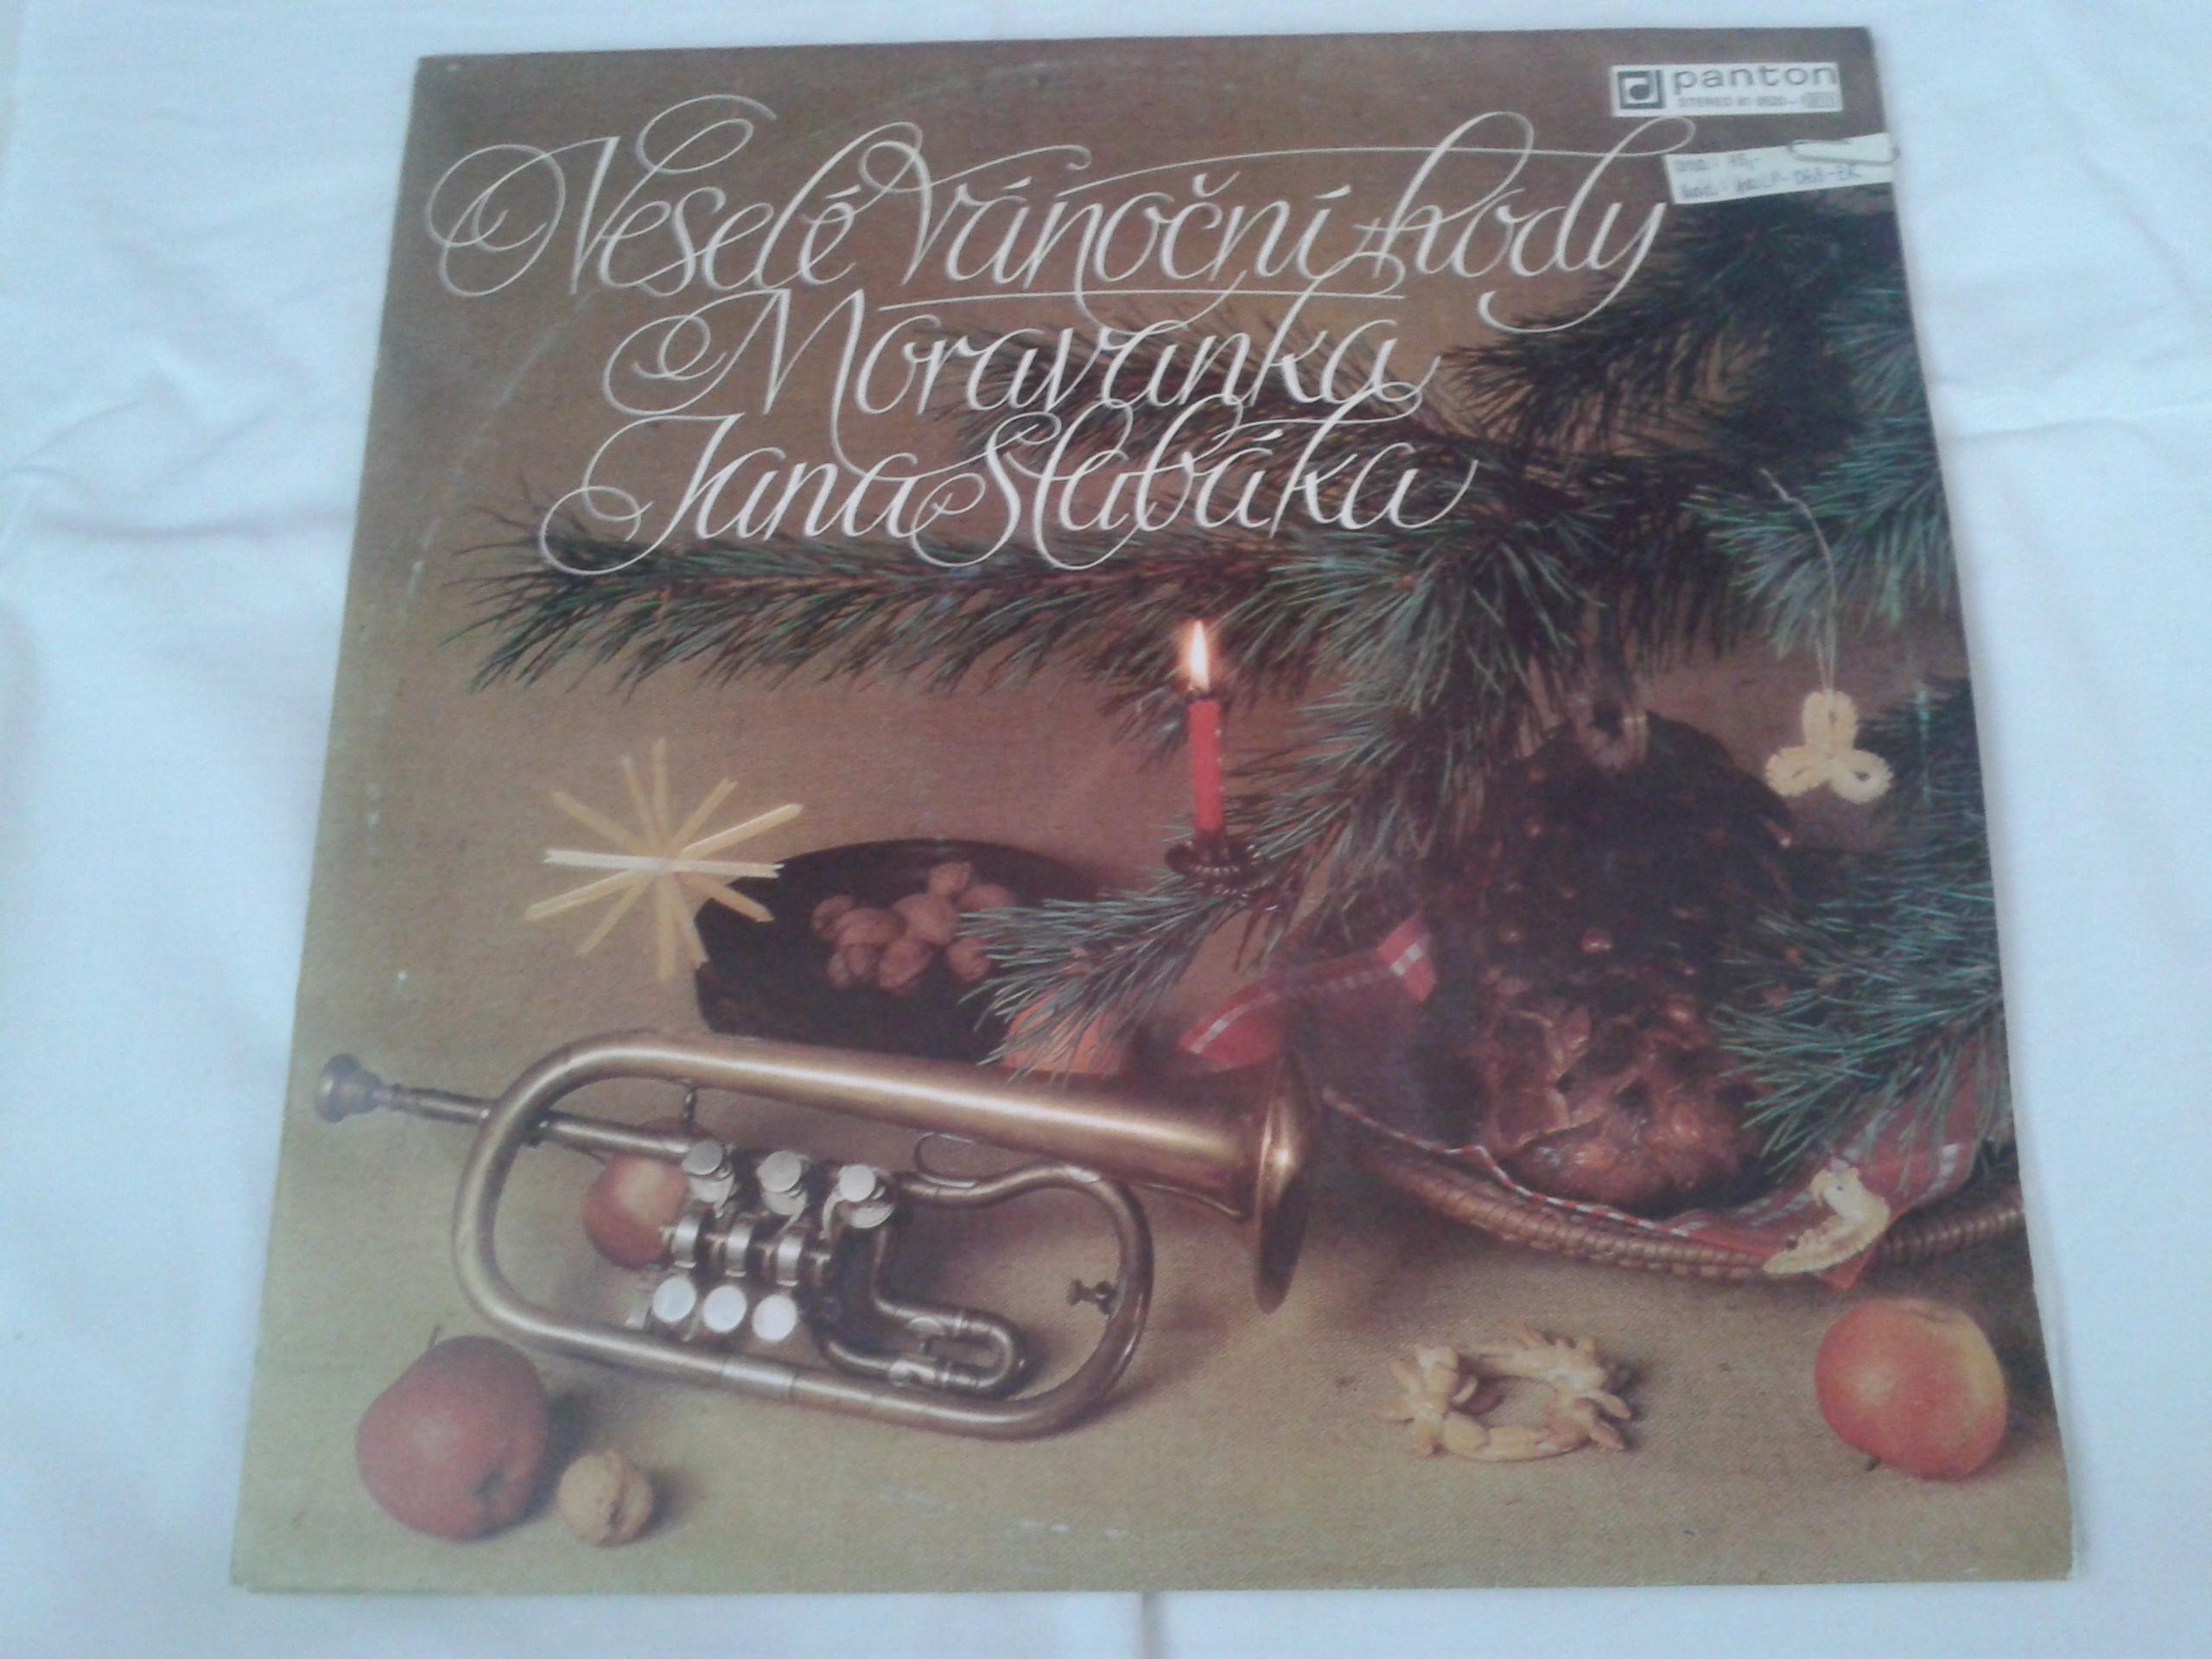 Veselé Vánoční hody - Moravanka Jana Slabáka (gramodeska)